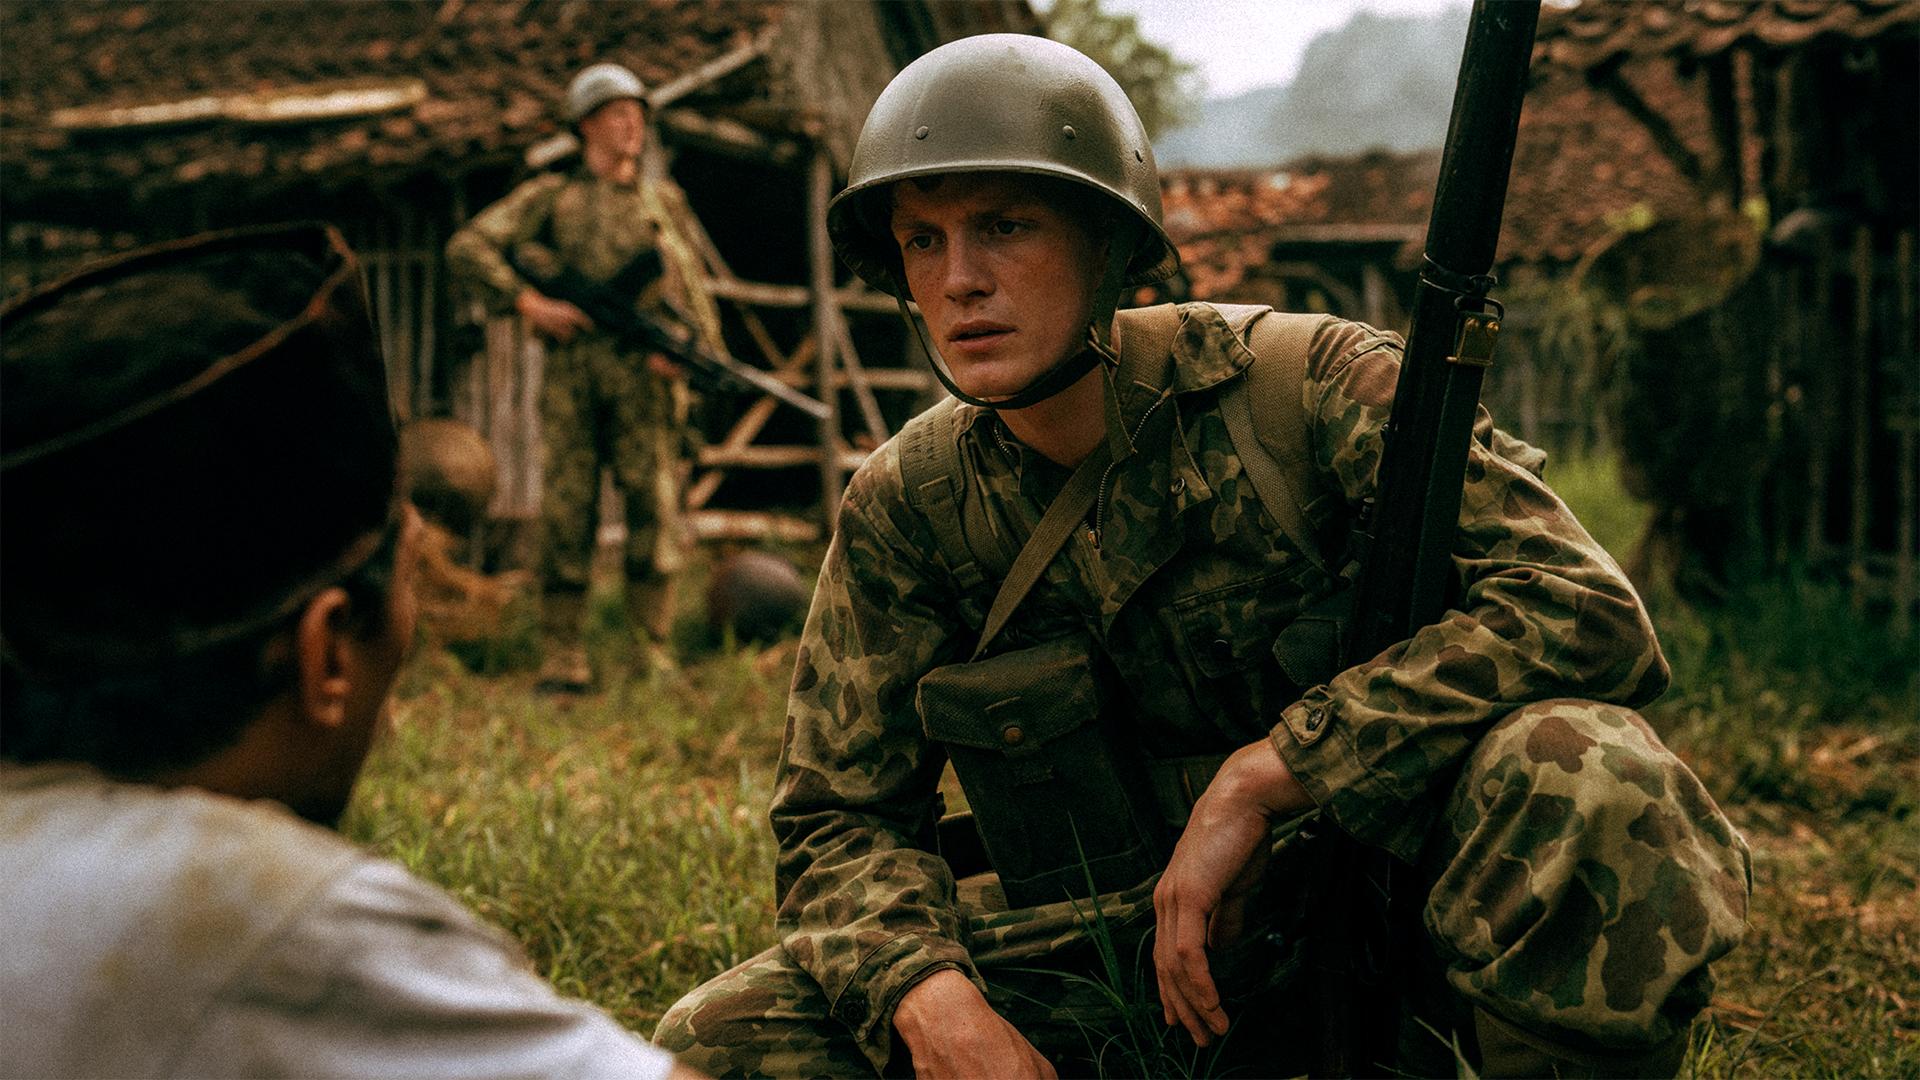 De Oost. Een jonge soldaat met een ouderwetse, bolle helm op zijn hoofd, knielt tegenover een Indonesische man.